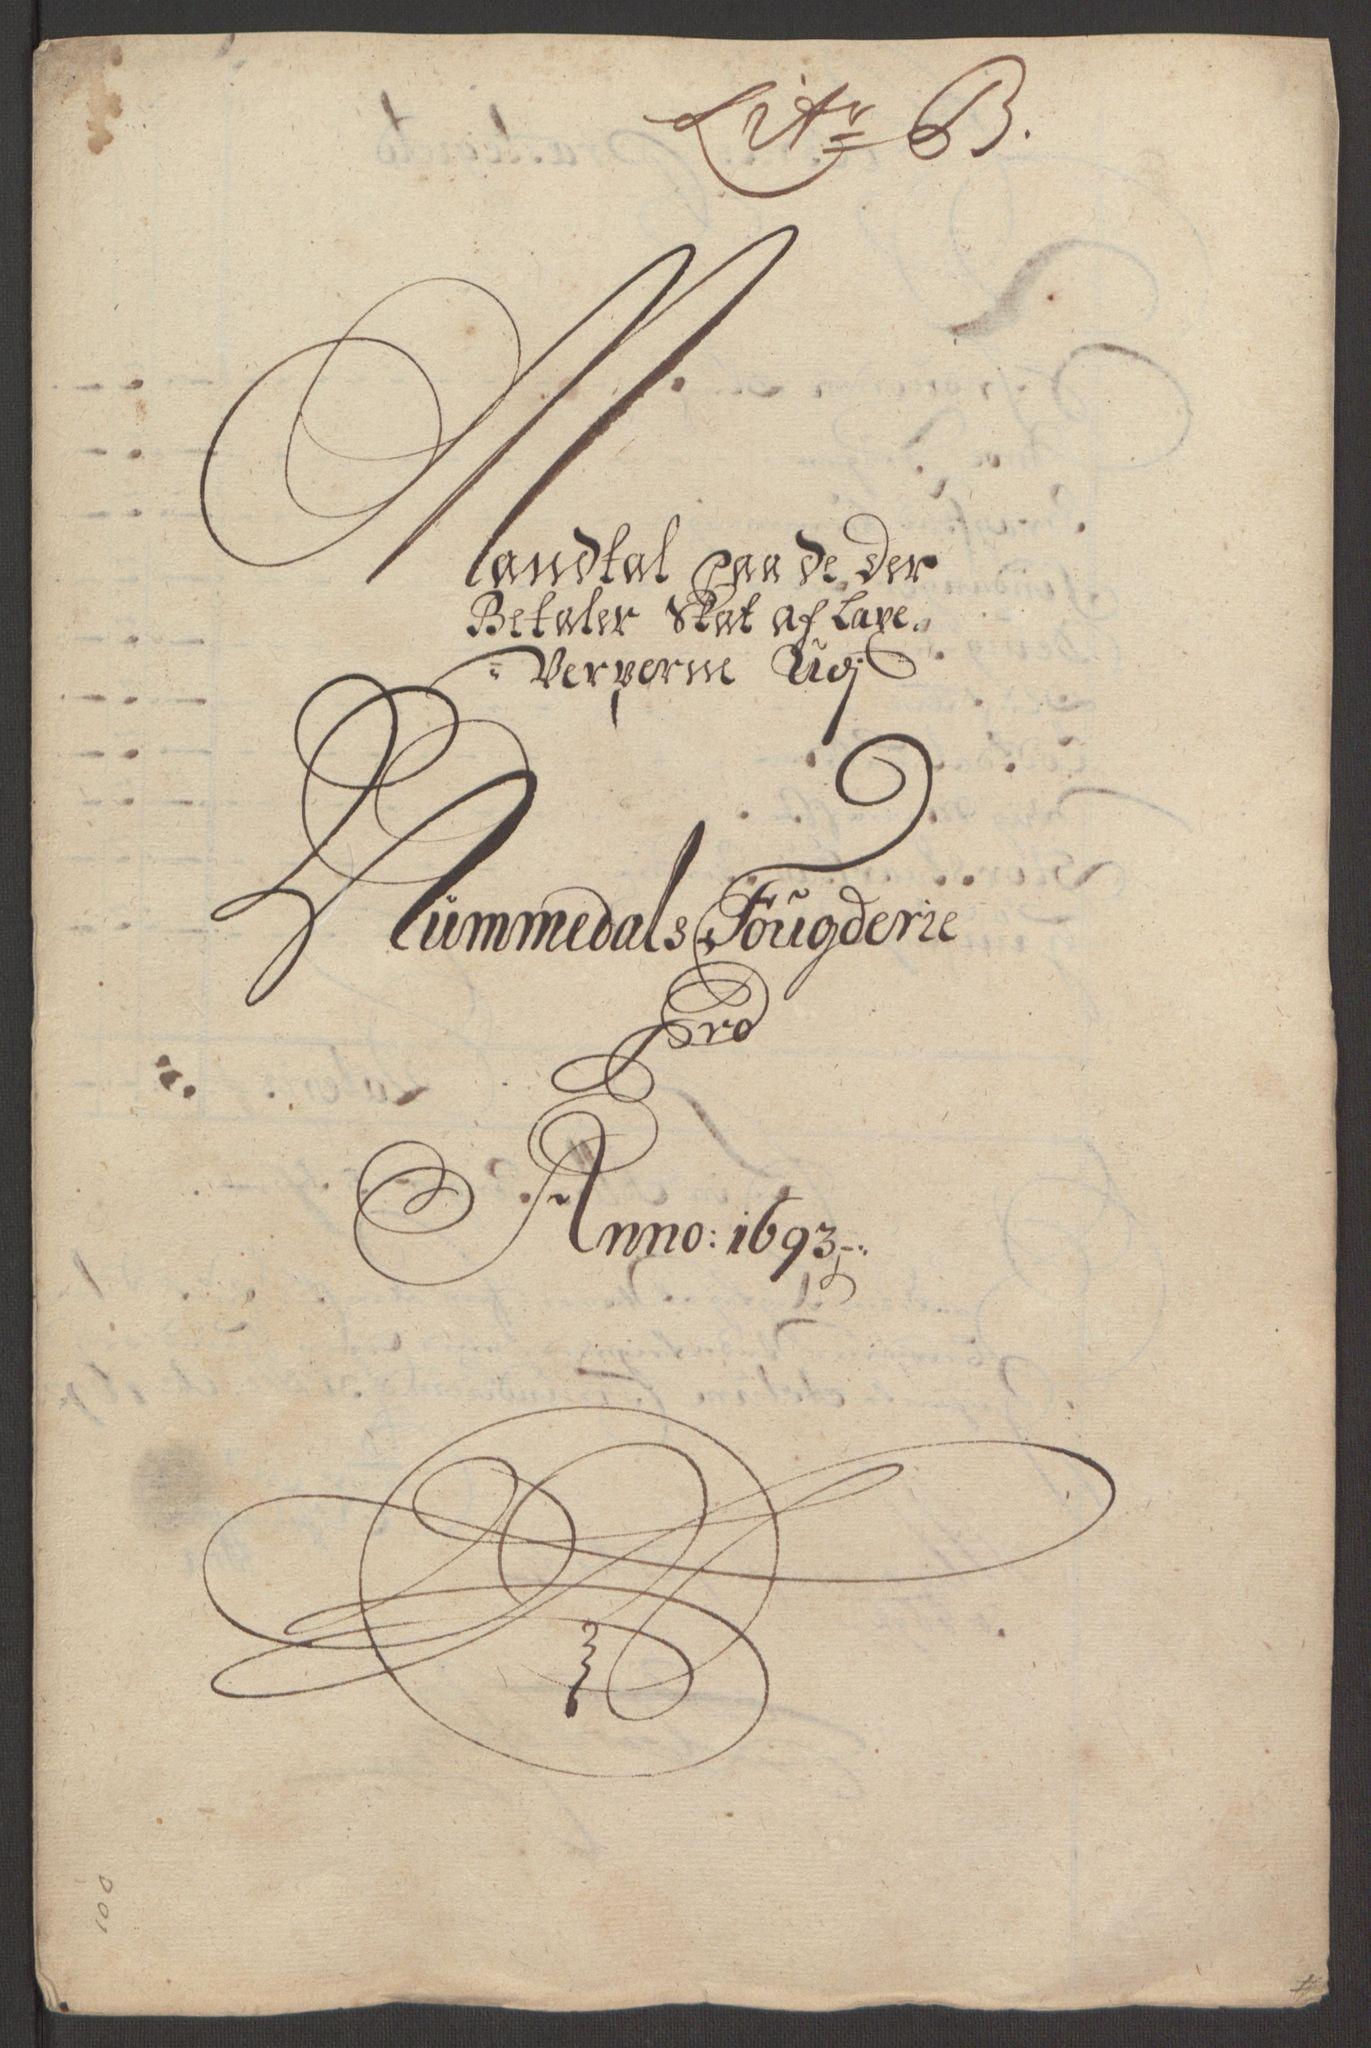 RA, Rentekammeret inntil 1814, Reviderte regnskaper, Fogderegnskap, R64/L4424: Fogderegnskap Namdal, 1692-1695, s. 240